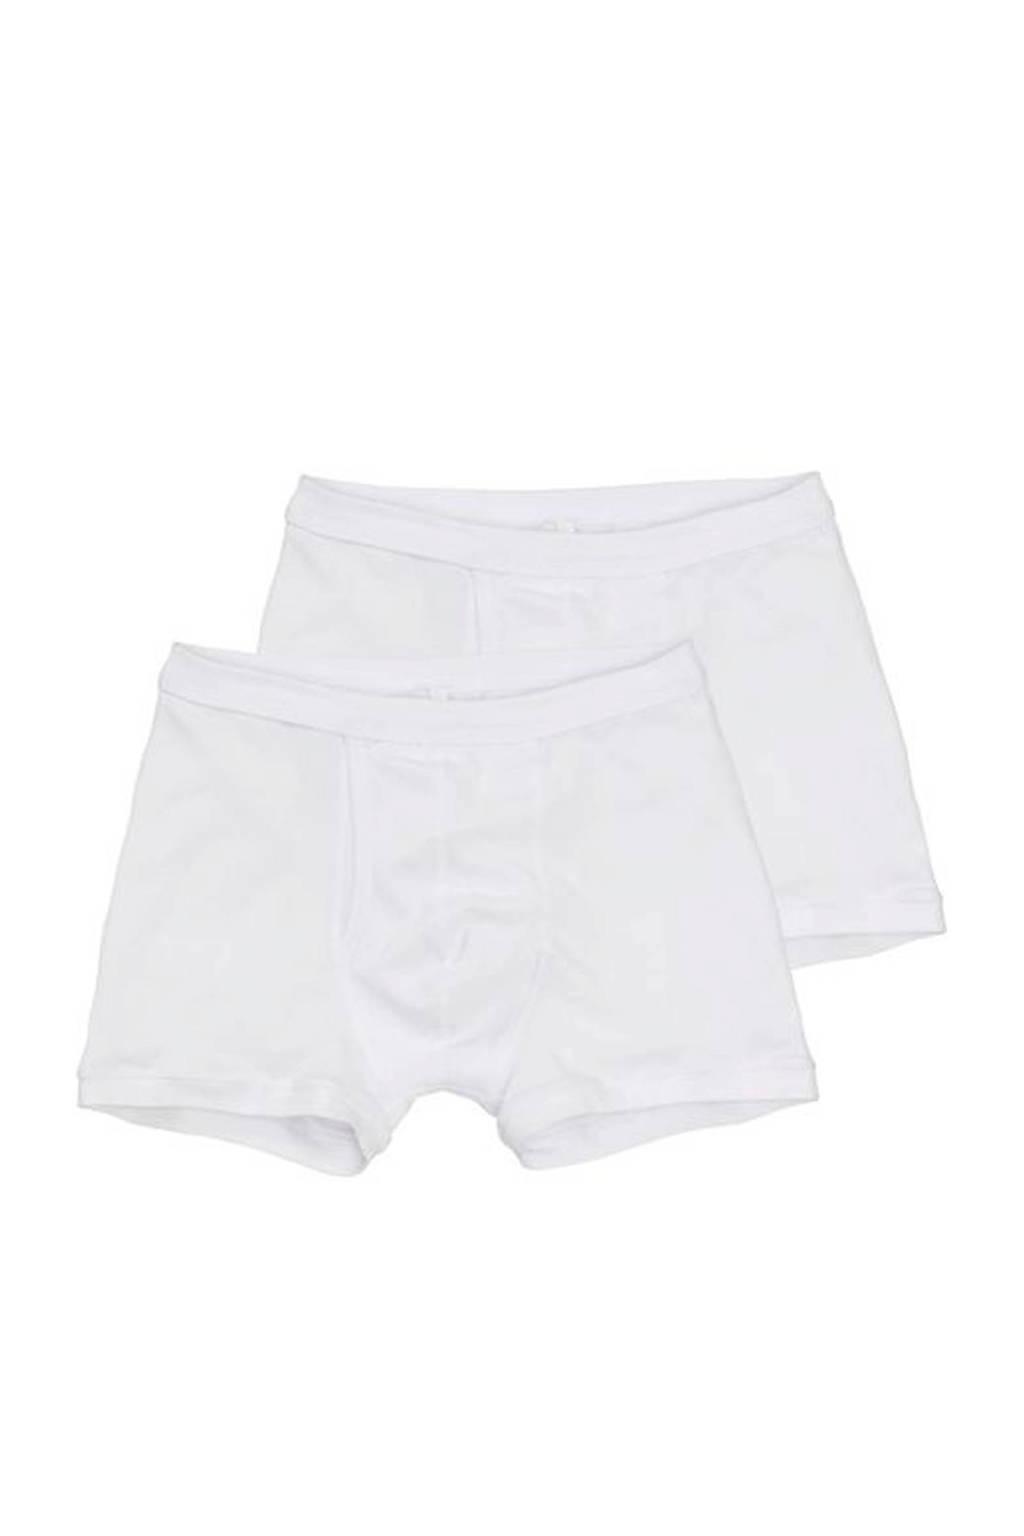 HEMA boxershort (set van 2) wit, Wit